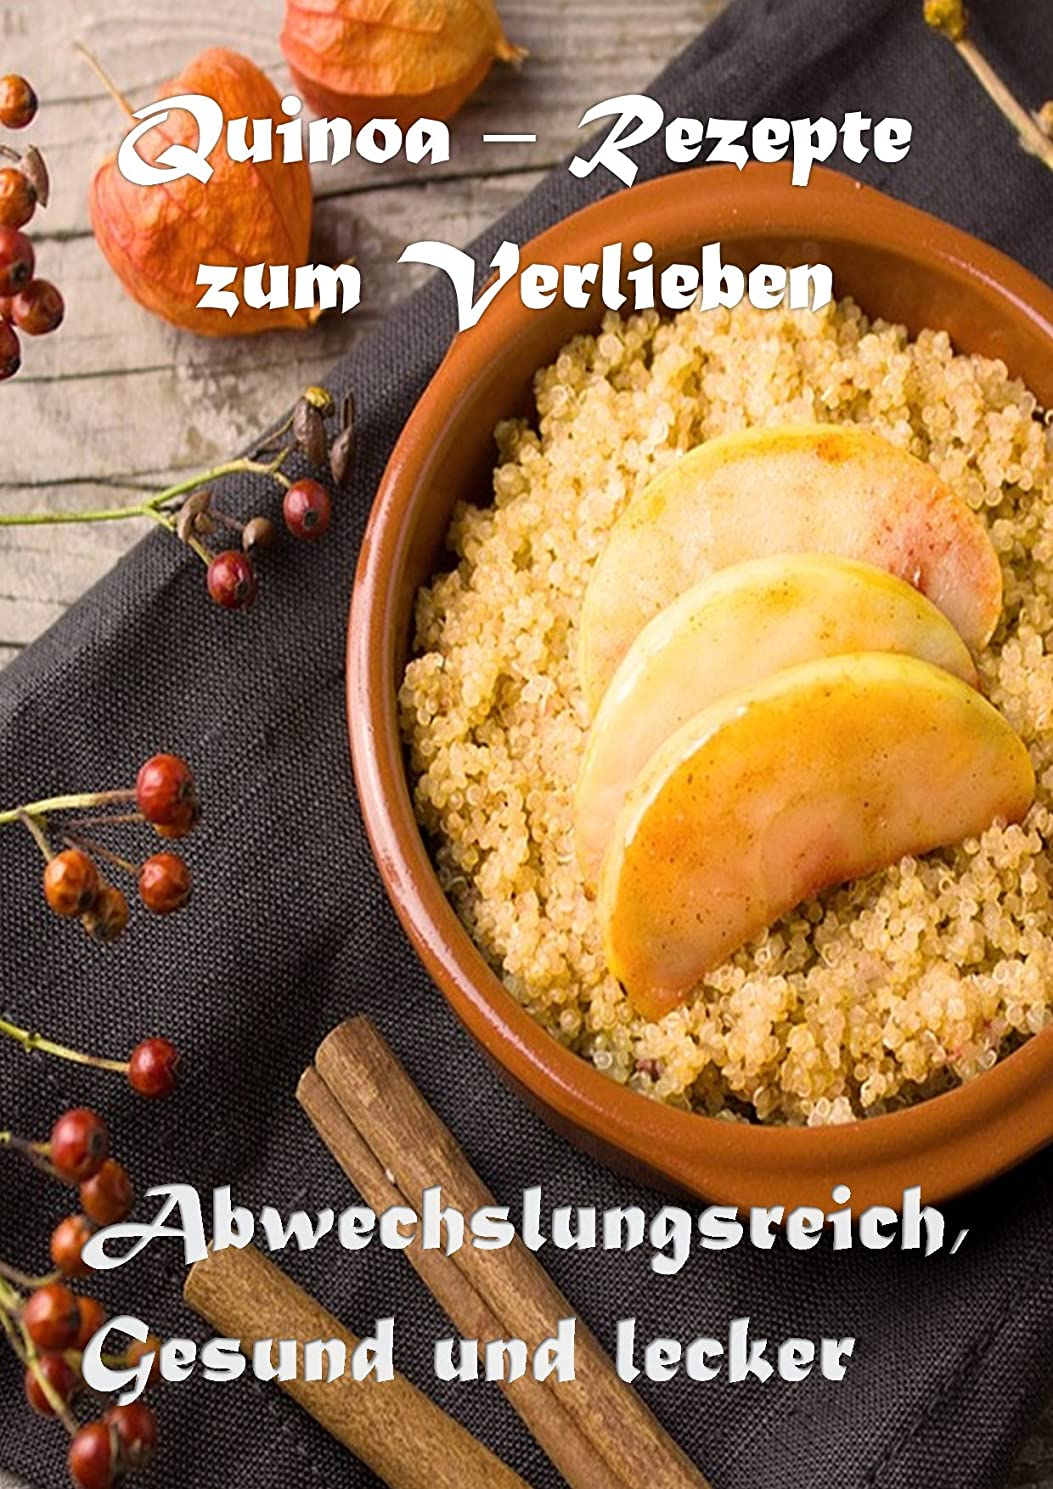 こどもセンター鼻幽霊Quinoa - Rezepte zum Verlieben: Abwechslungsreich, Gesund und Lecker (German Edition)